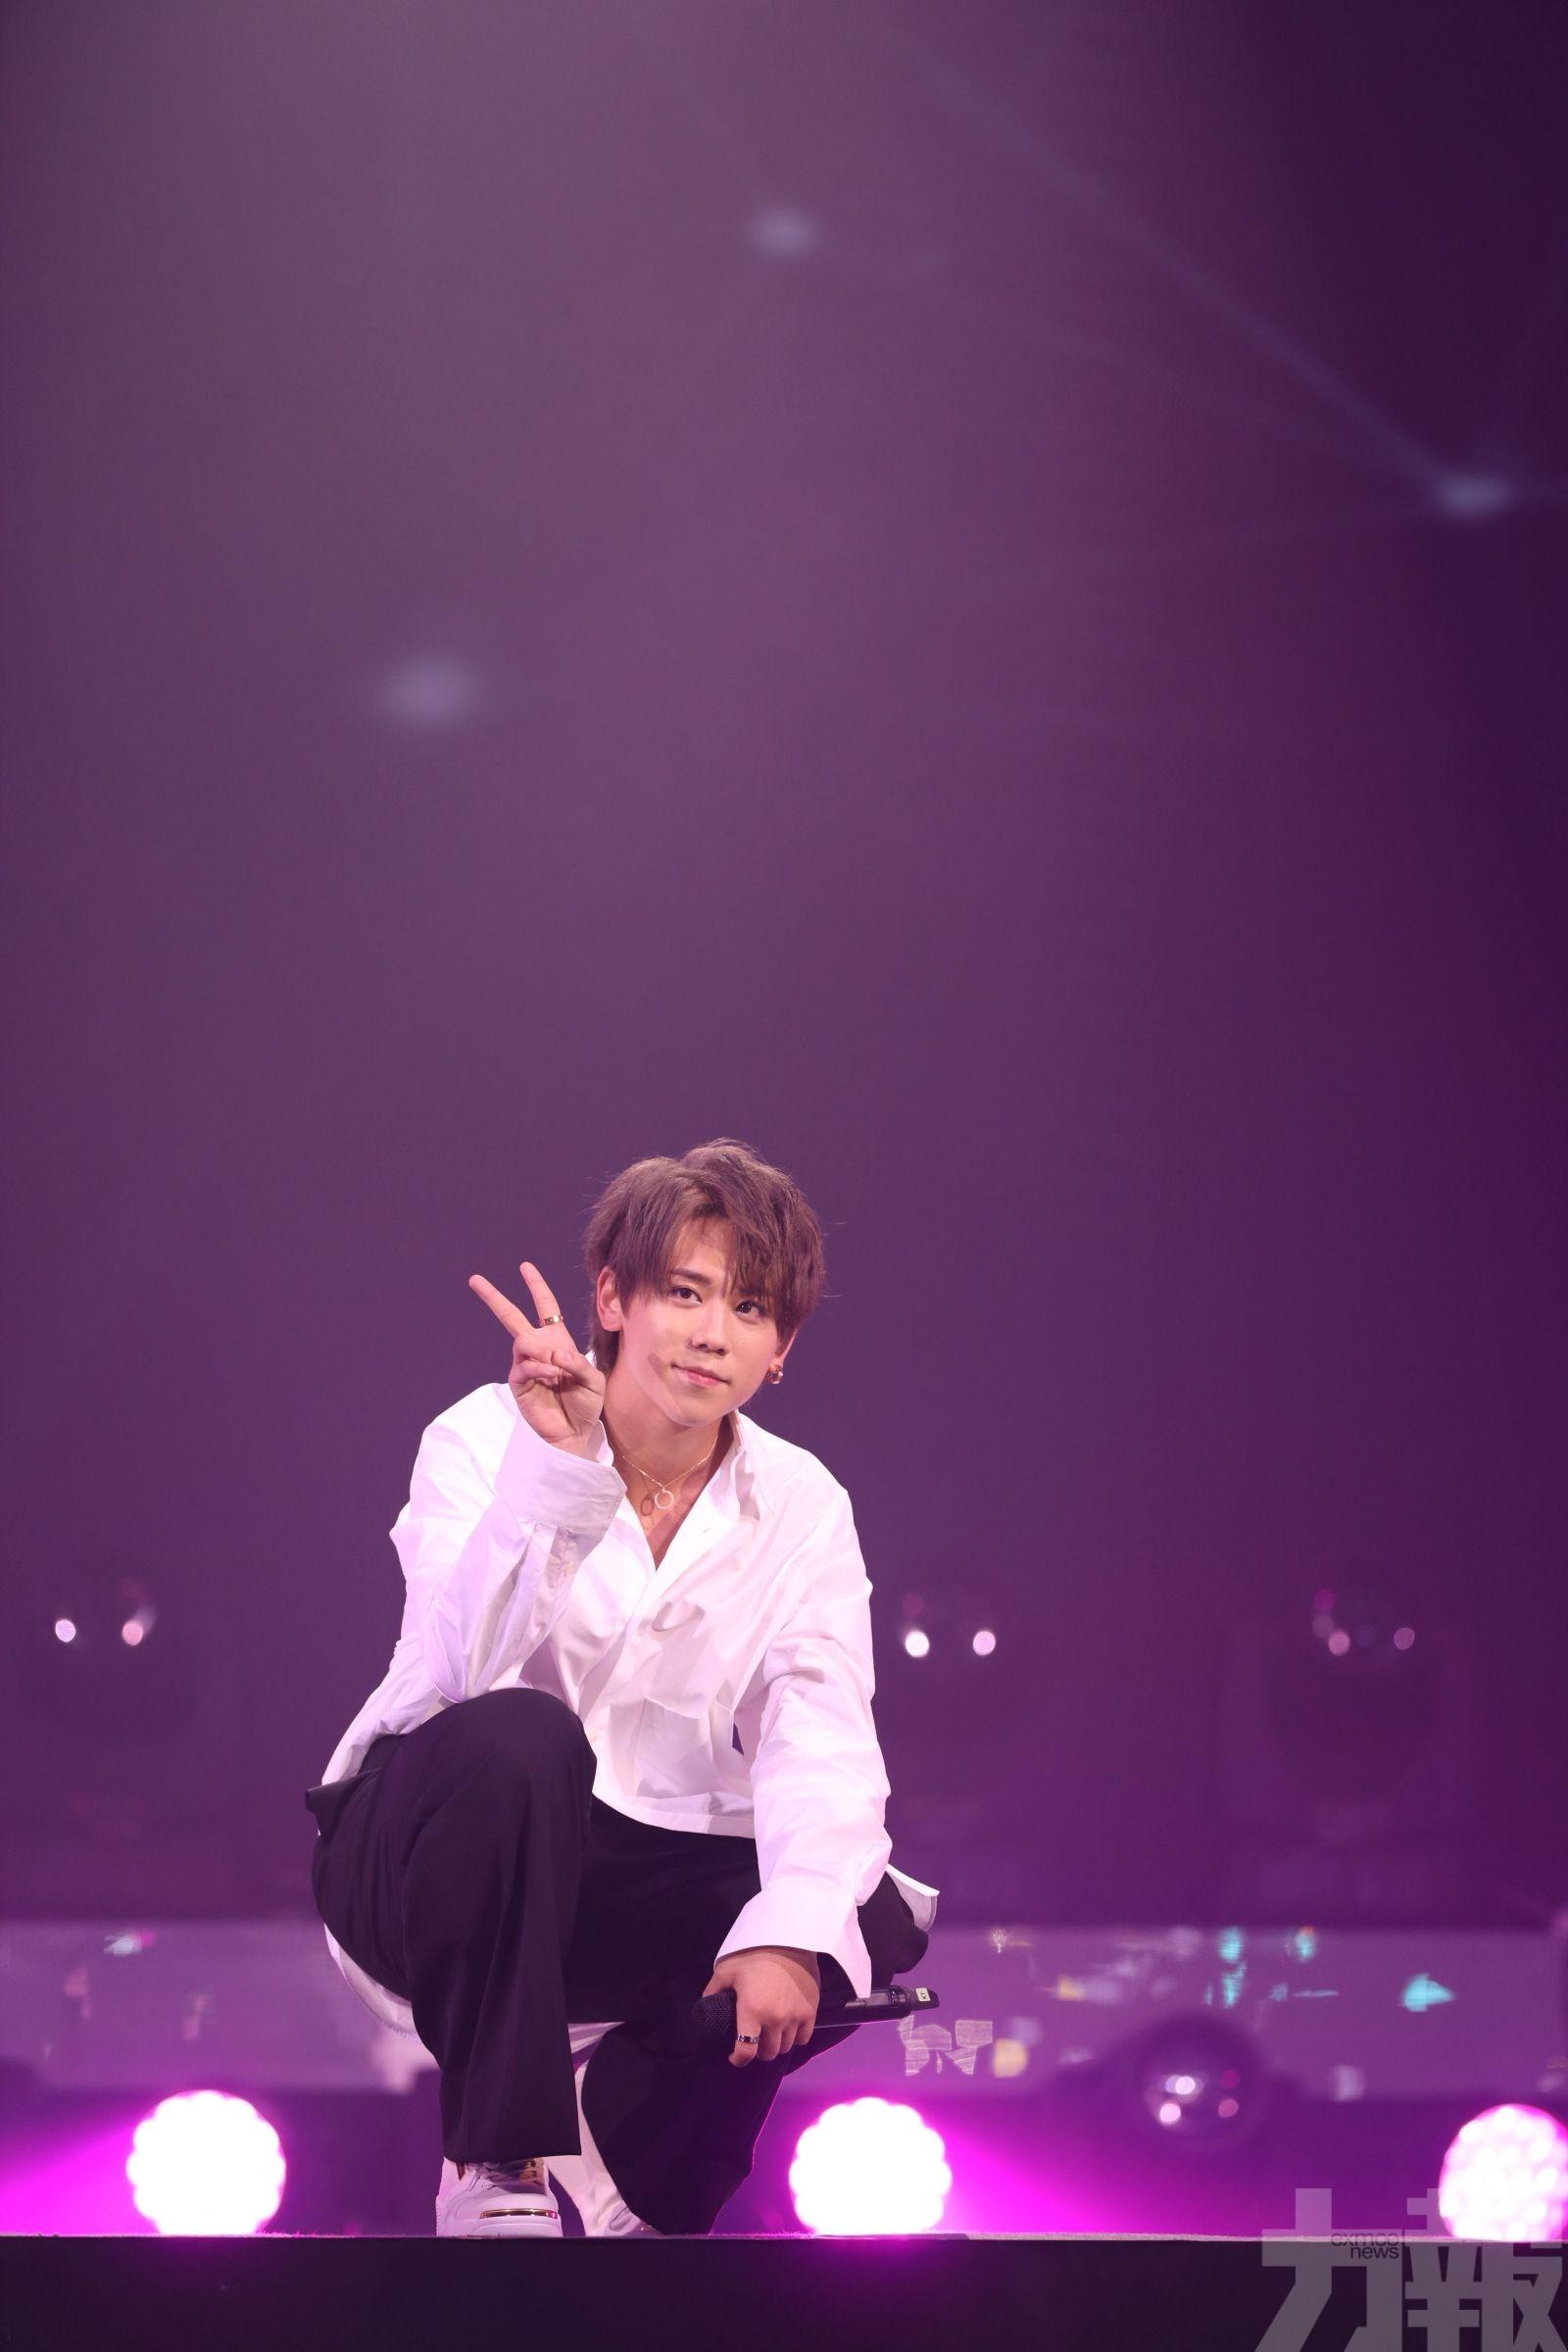 姜濤勁開心:謝謝你替我加油